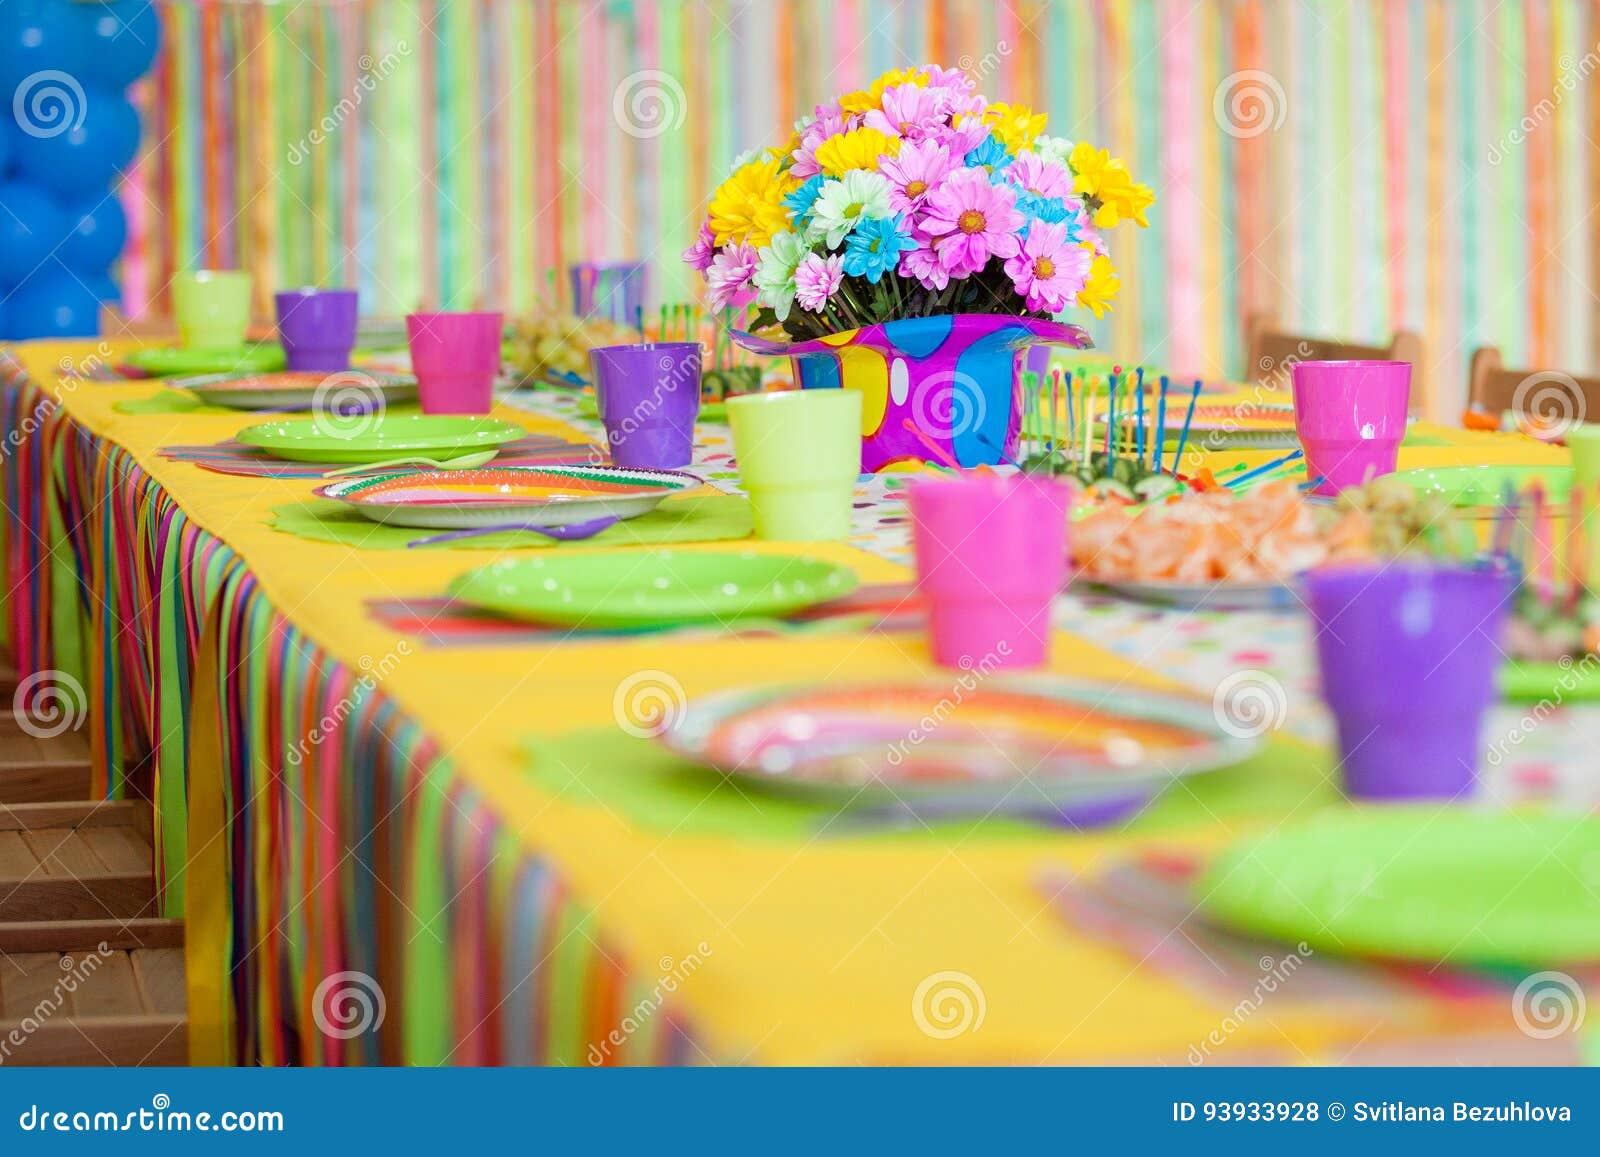 Decorazioni Da Tavolo Per Compleanno : Tavola variopinta servente con la decorazione per il compleanno